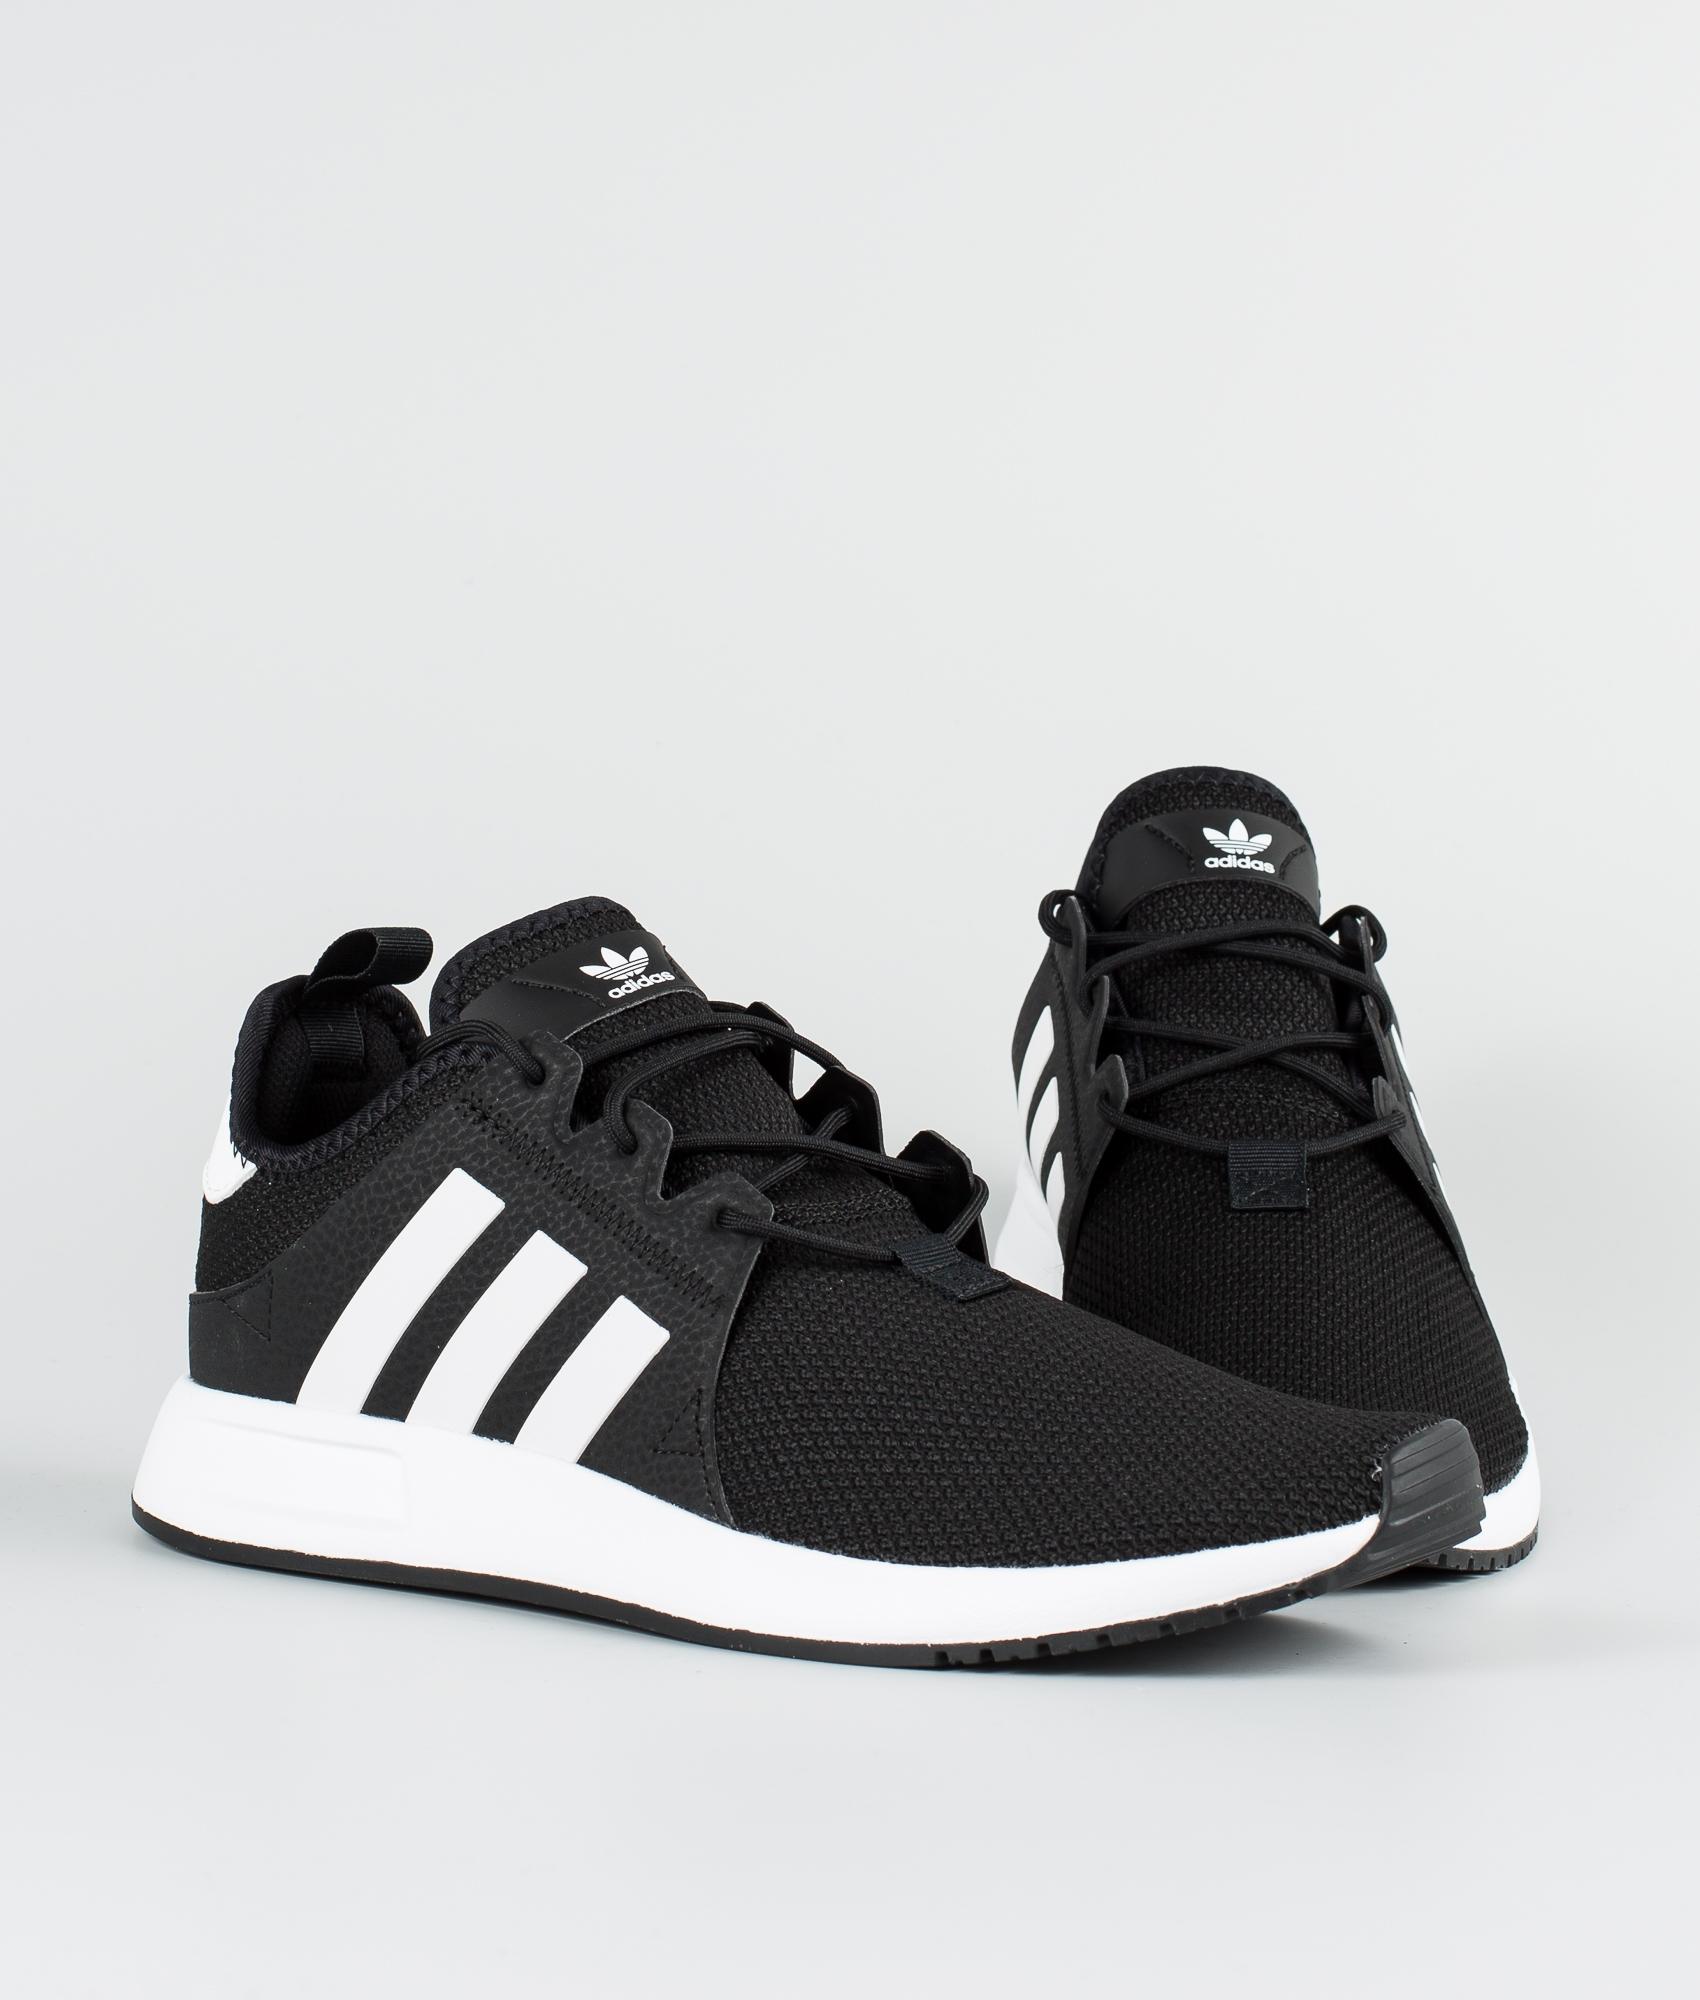 plr Originals Blackftwr Adidas X Whitecore Black Chaussures Core vOm8nN0w